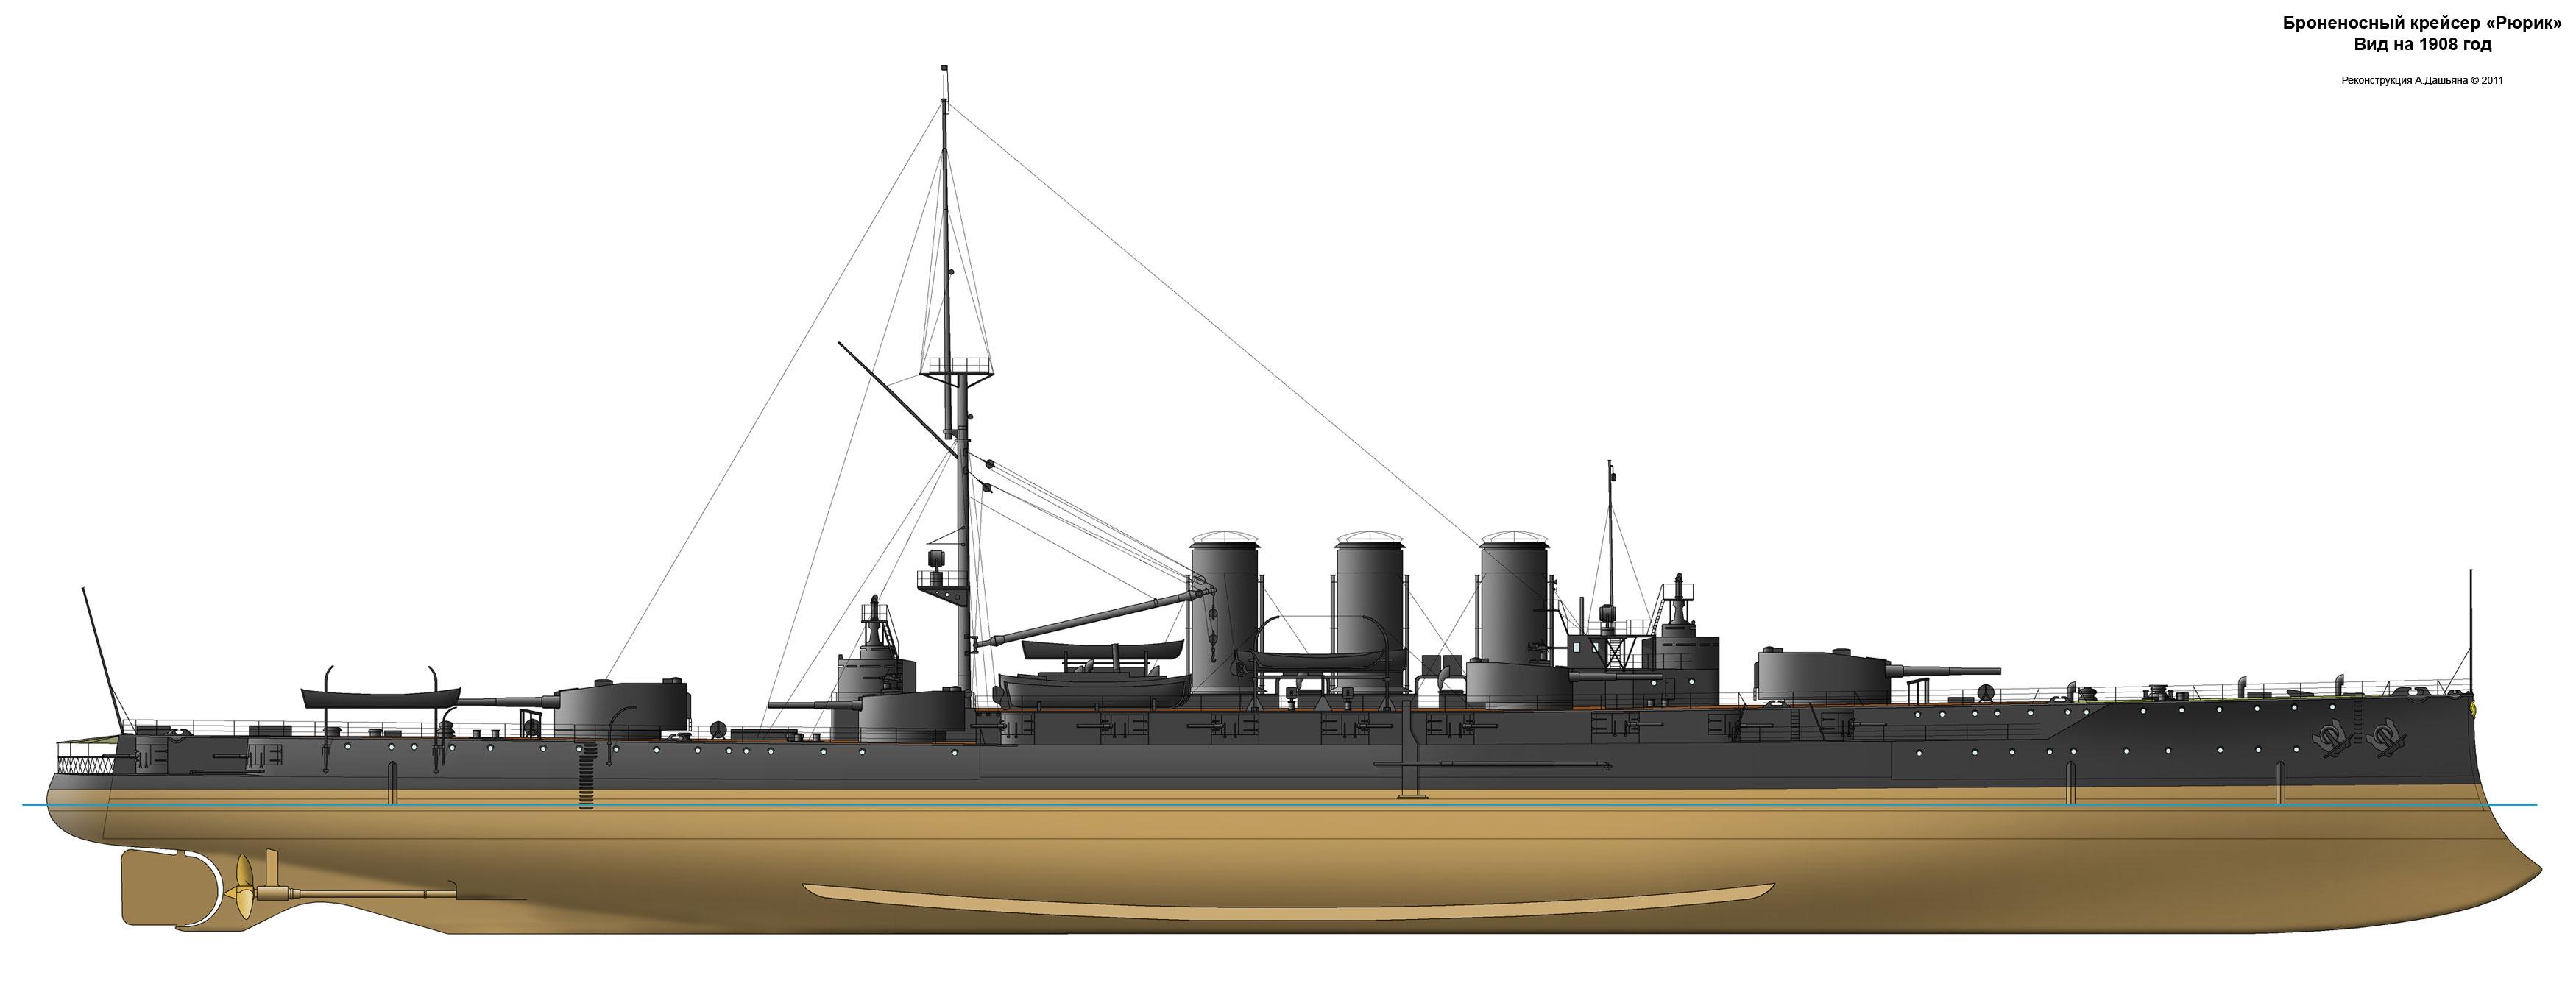 И схемы броненосного крейсера рюрик